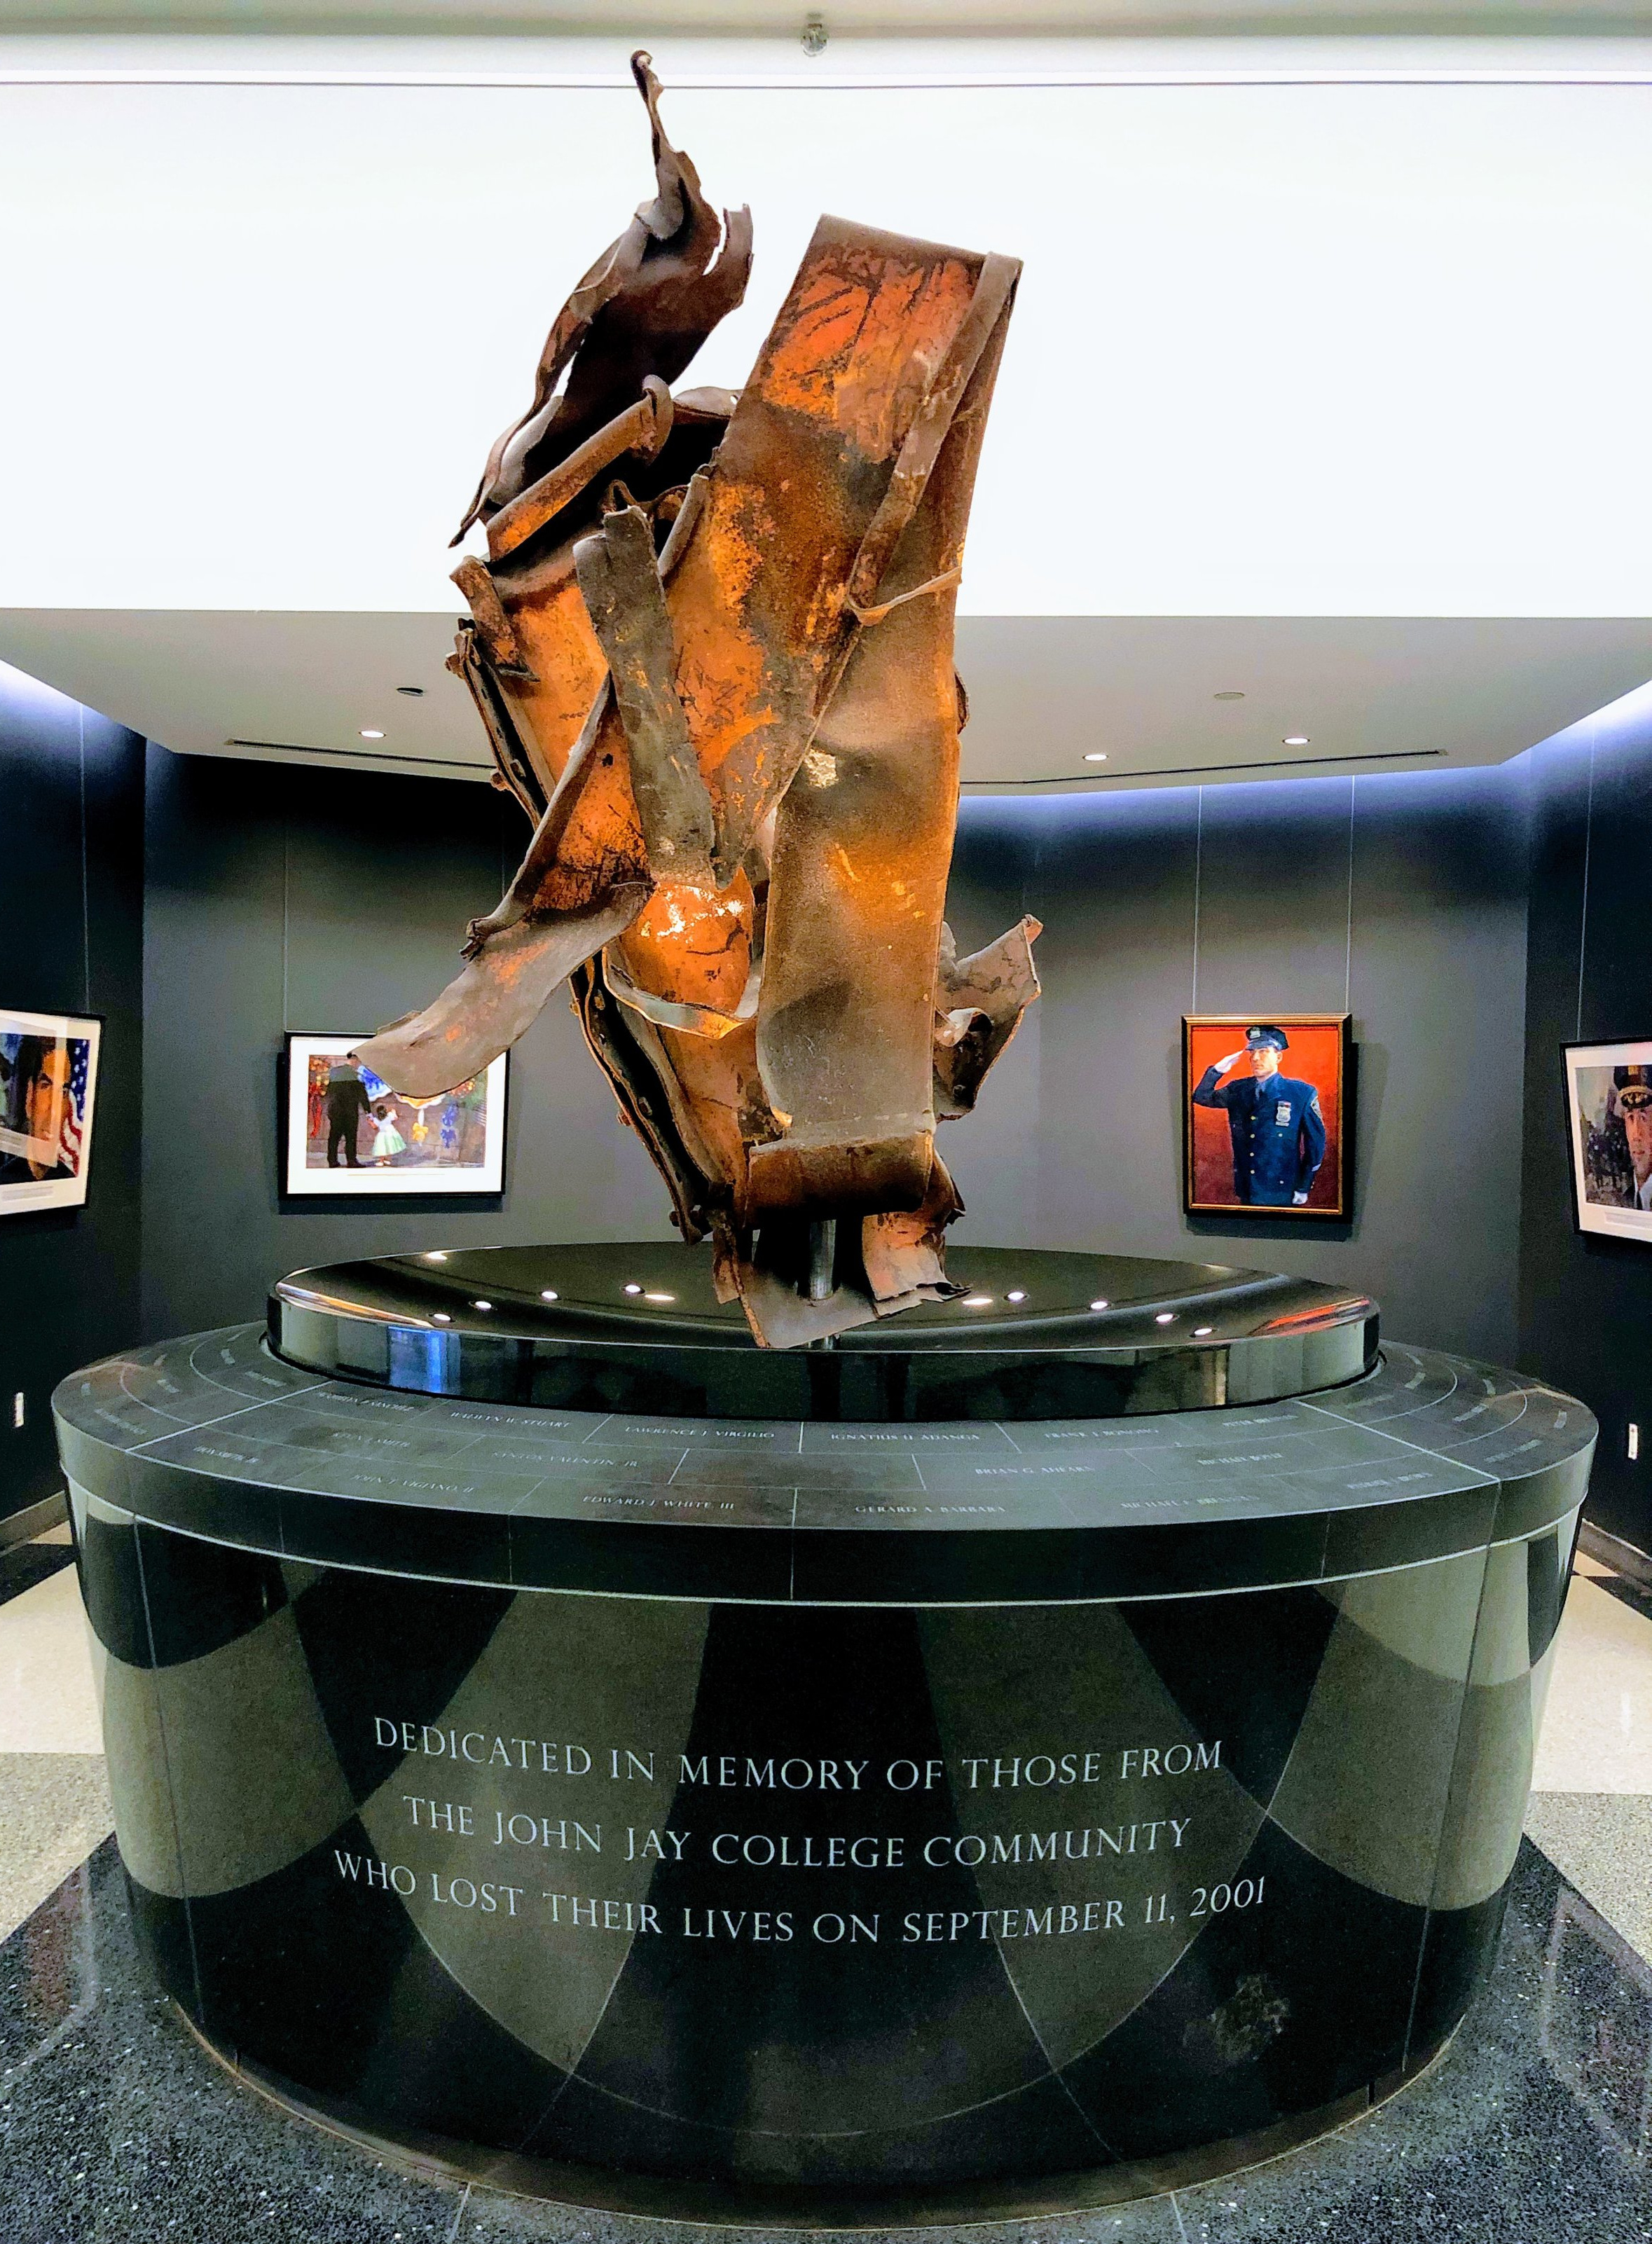 9/11 Memorial at John Jay College